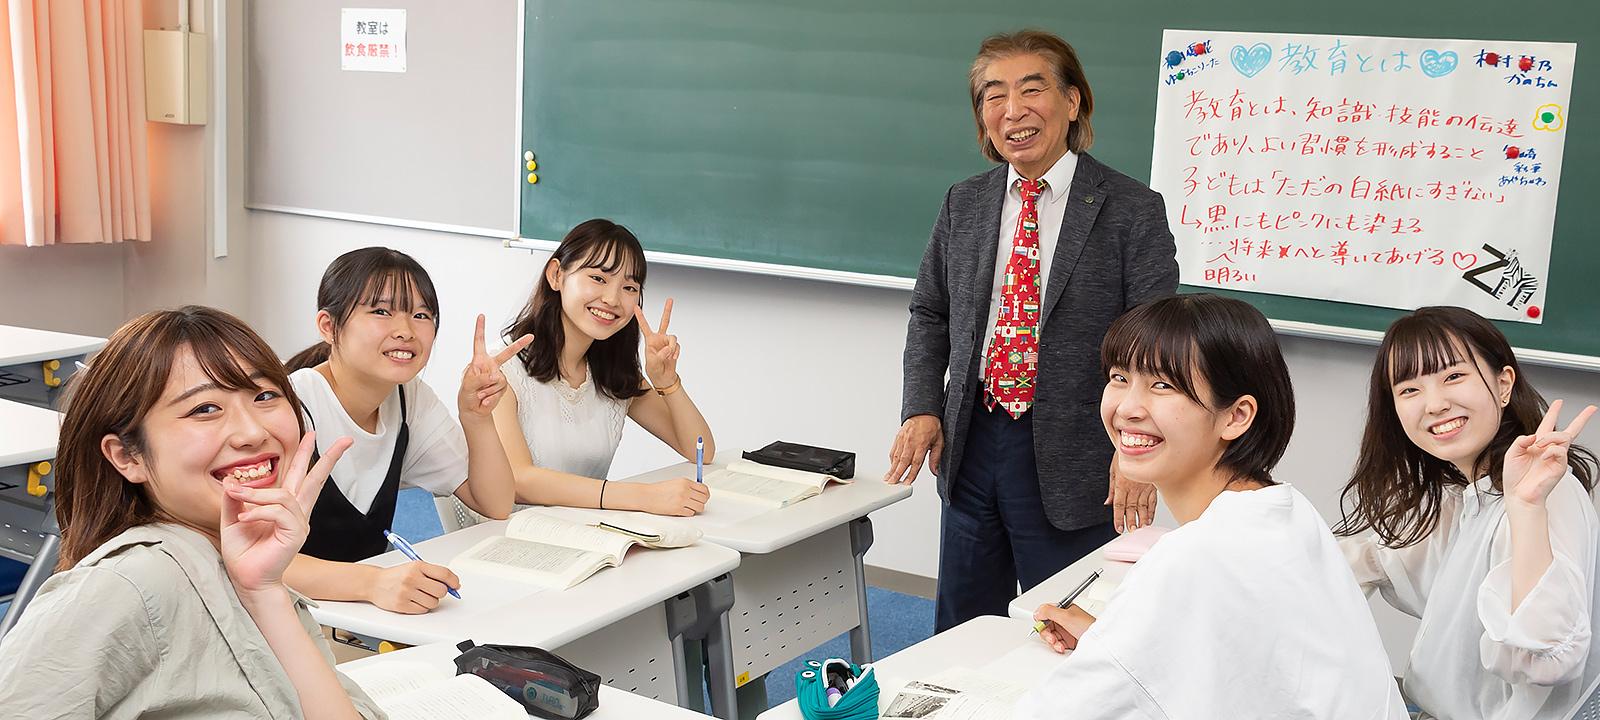 埼玉純真短期大学イメージ